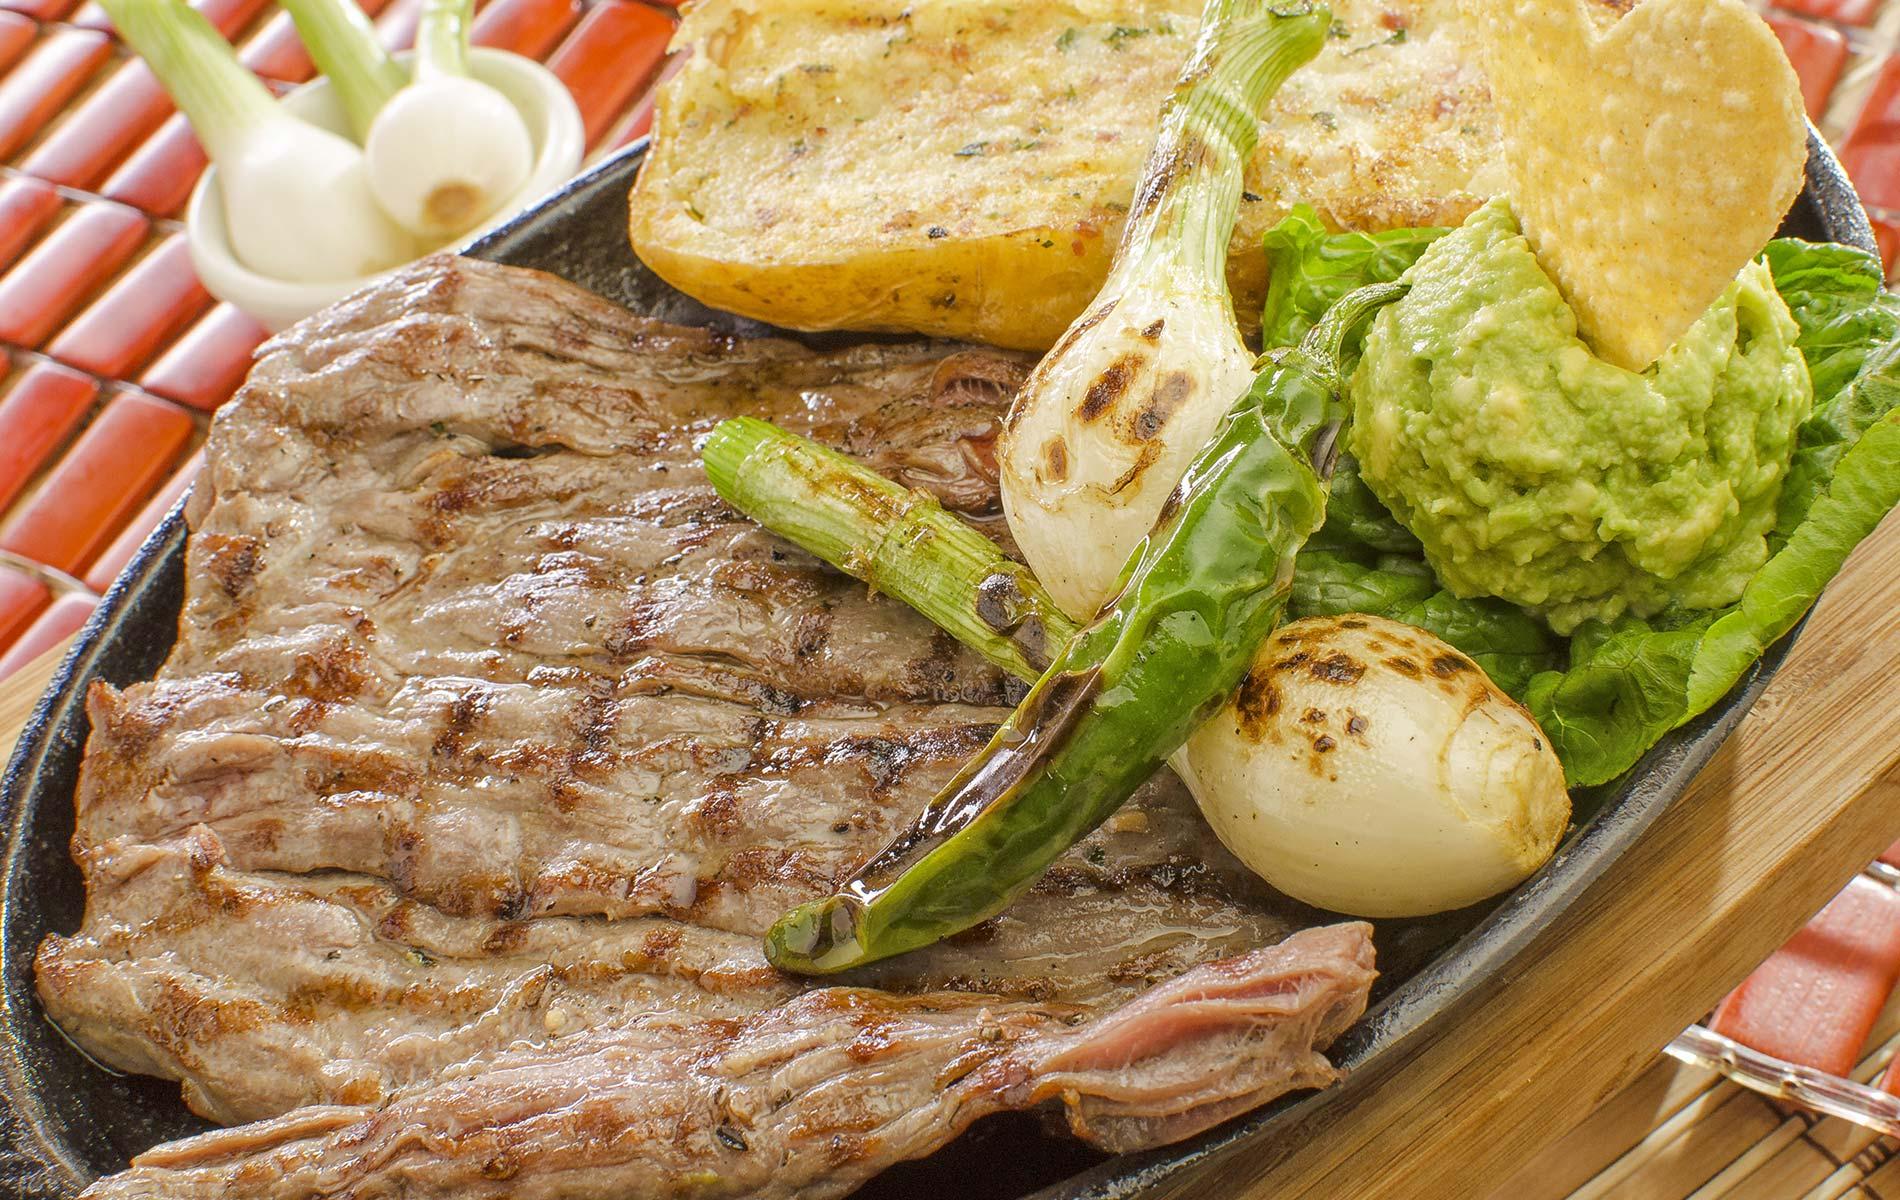 Cocina mexicana martins for Cocina y gastronomia